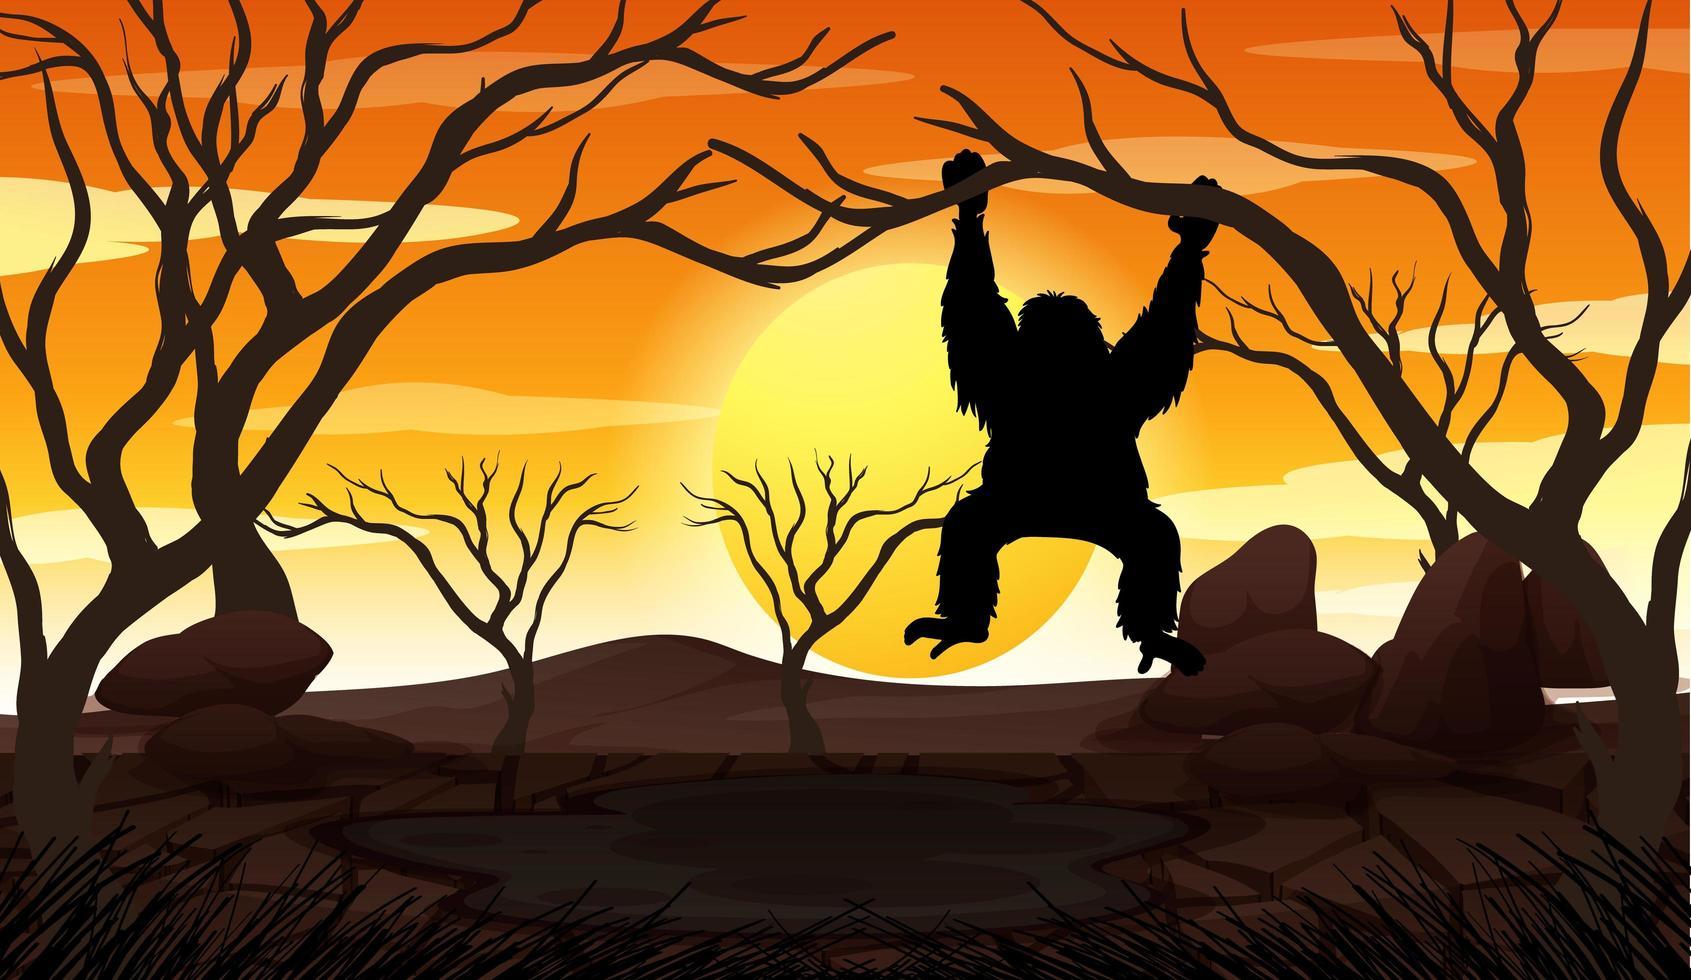 singe sur une branche d'arbre au coucher du soleil vecteur